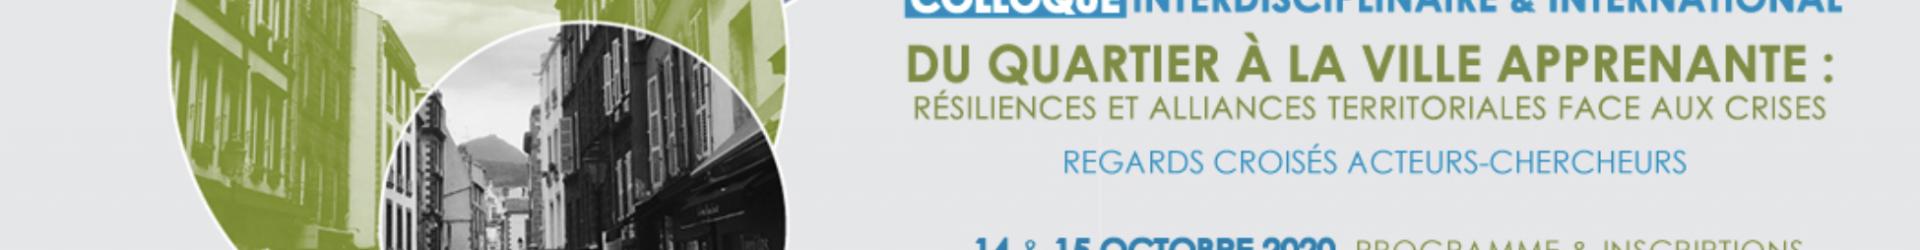 Colloque interdisciplinaire et international: «Du quartier à la ville apprenante : résiliences et dynamiques territoriales face aux crises» à Clermont-Ferrand